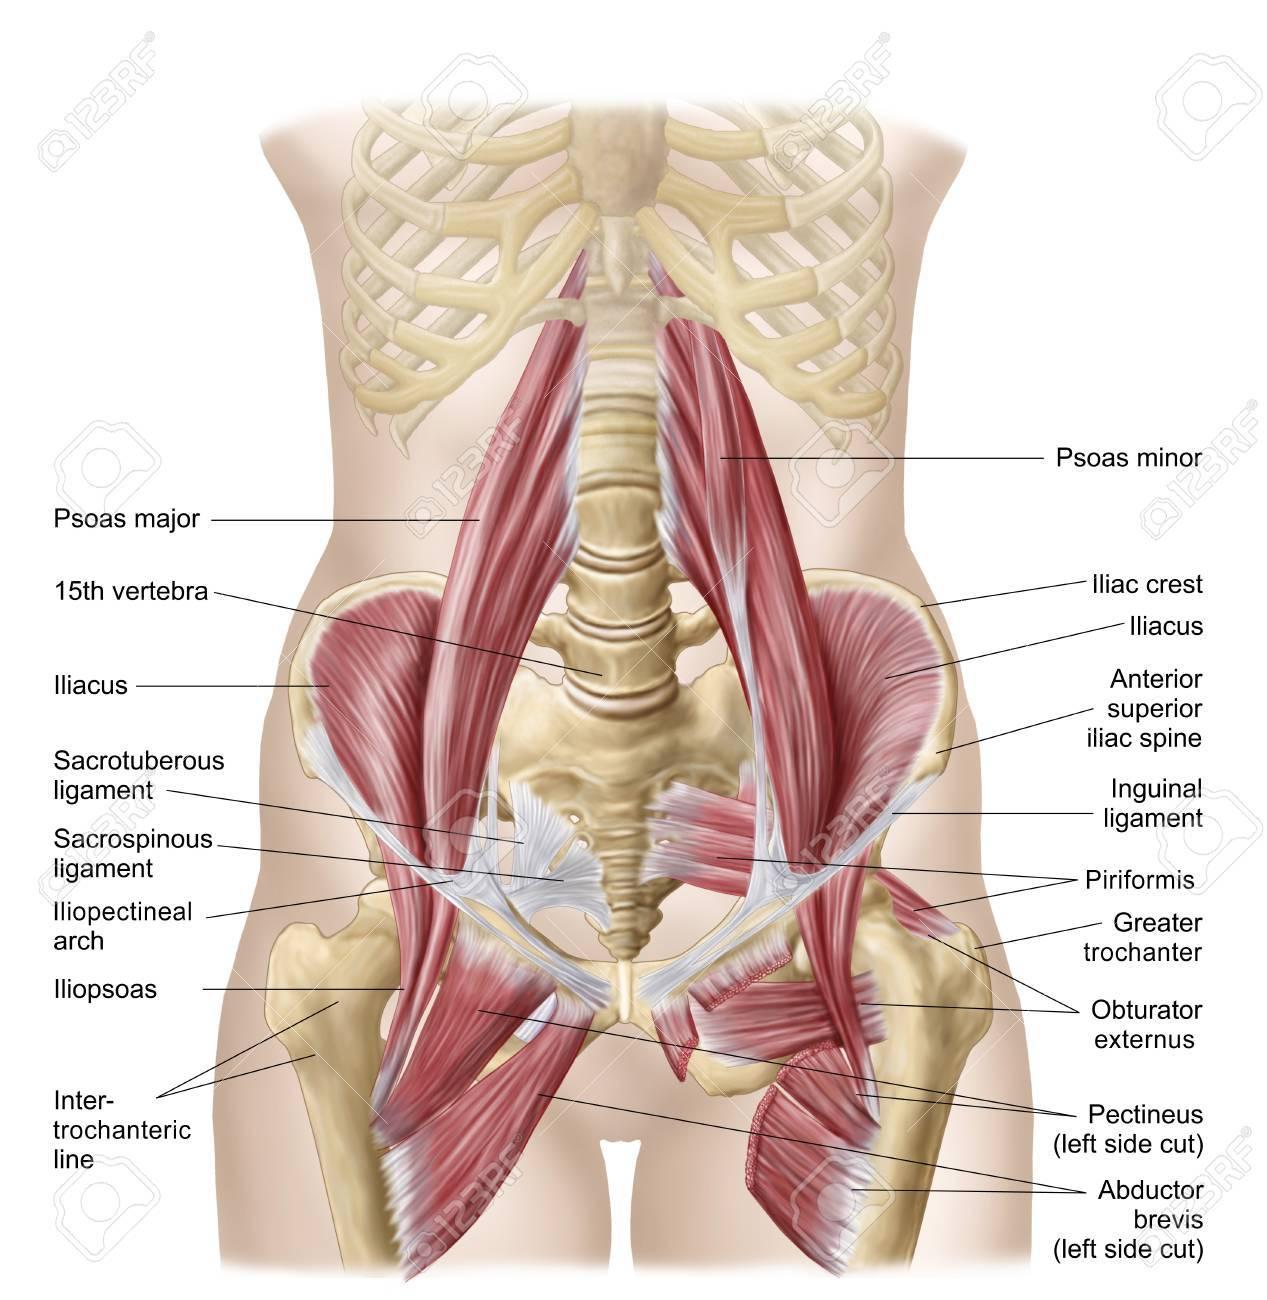 Anatomía Del Iliopsoa, A Menudo Referido Como Los Músculos De La ...